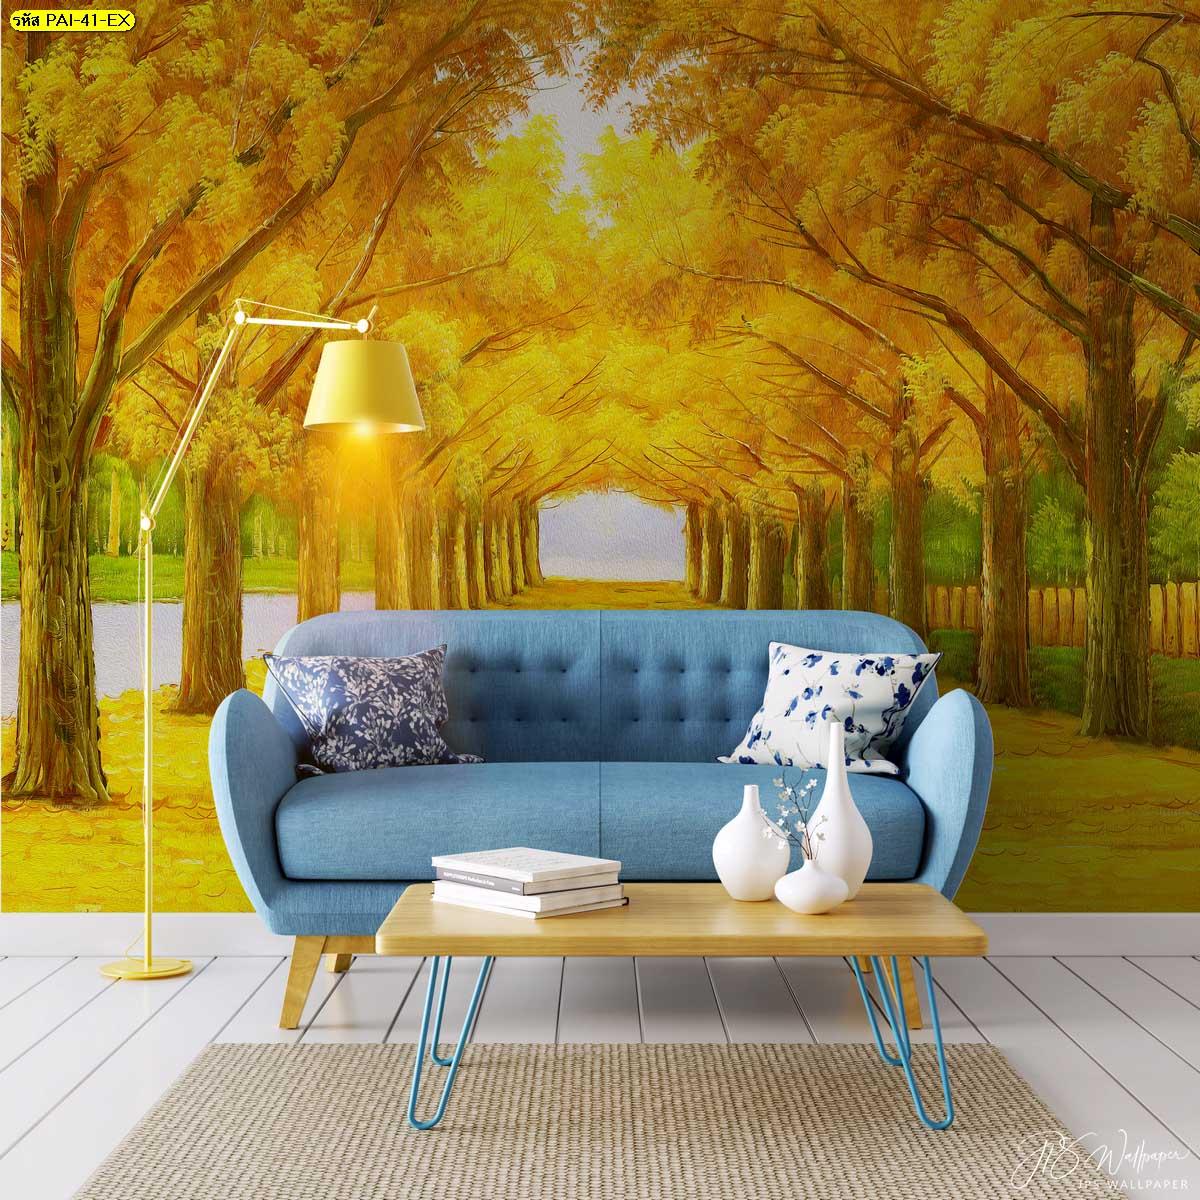 ภาพติดผนังลายอุโมงค์ต้นไม้ วอลเปเปอร์ลายภาพวาดอุโมงค์ต้นไม้ แต่งห้องนั่งเล่นในบ้าน